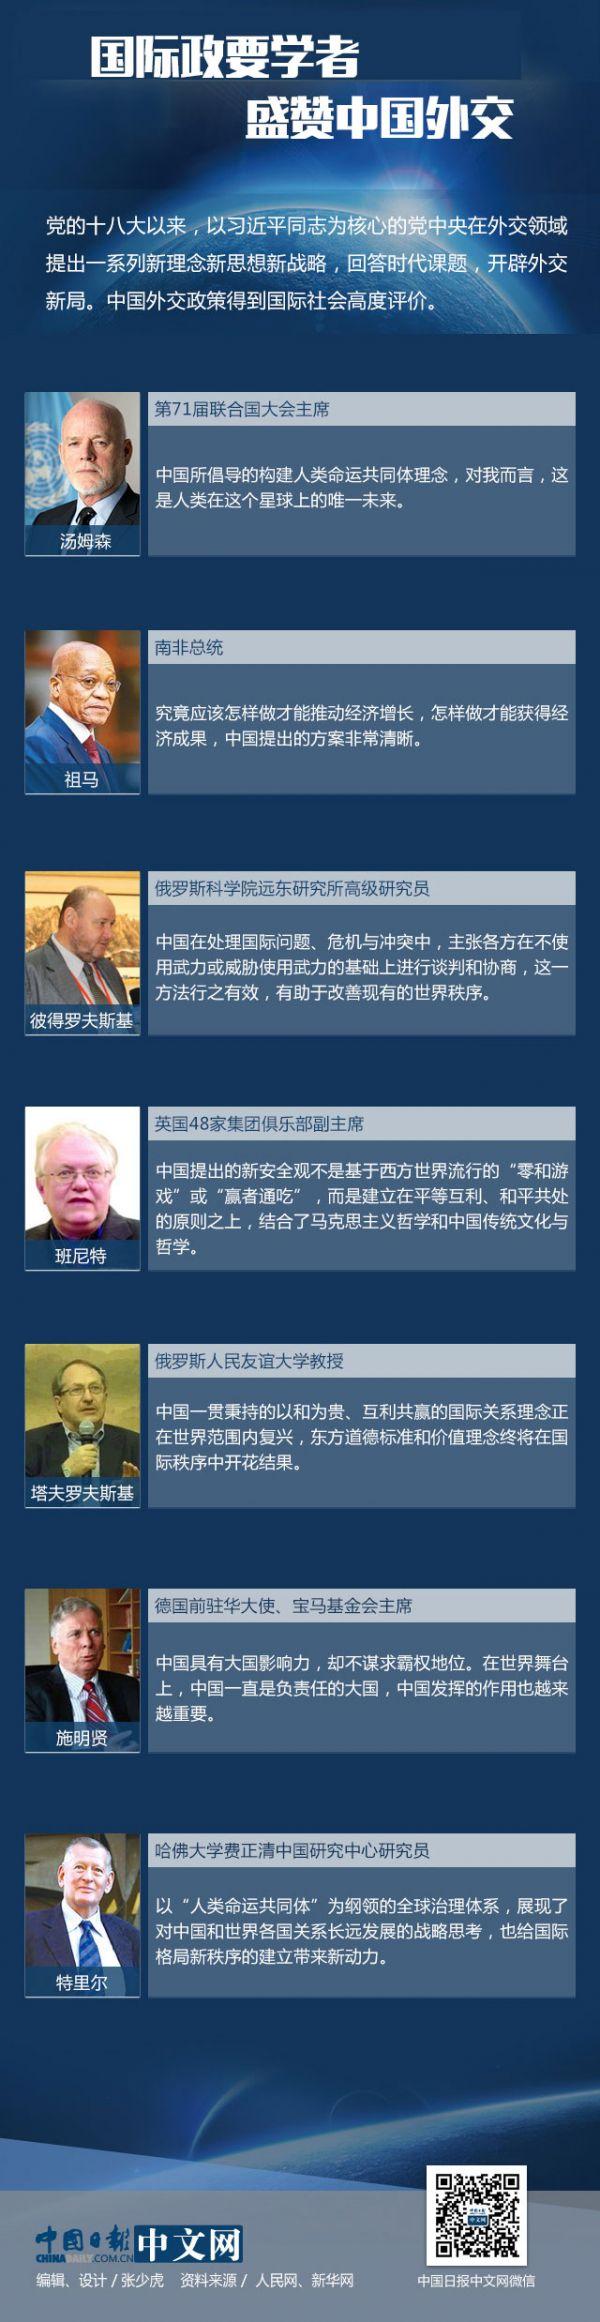 【理上网来•喜迎十九大】国际政要学者盛赞中国外交